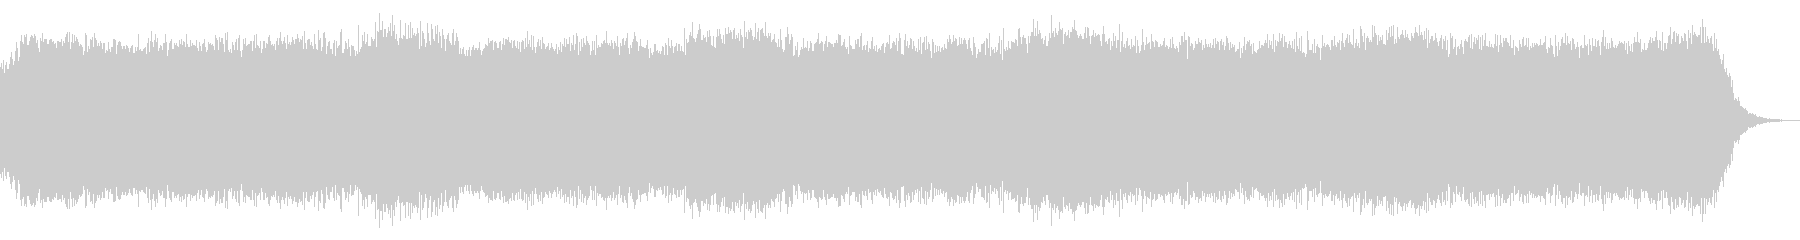 プラネットアトモスフィア1不気味な...の未再生の波形